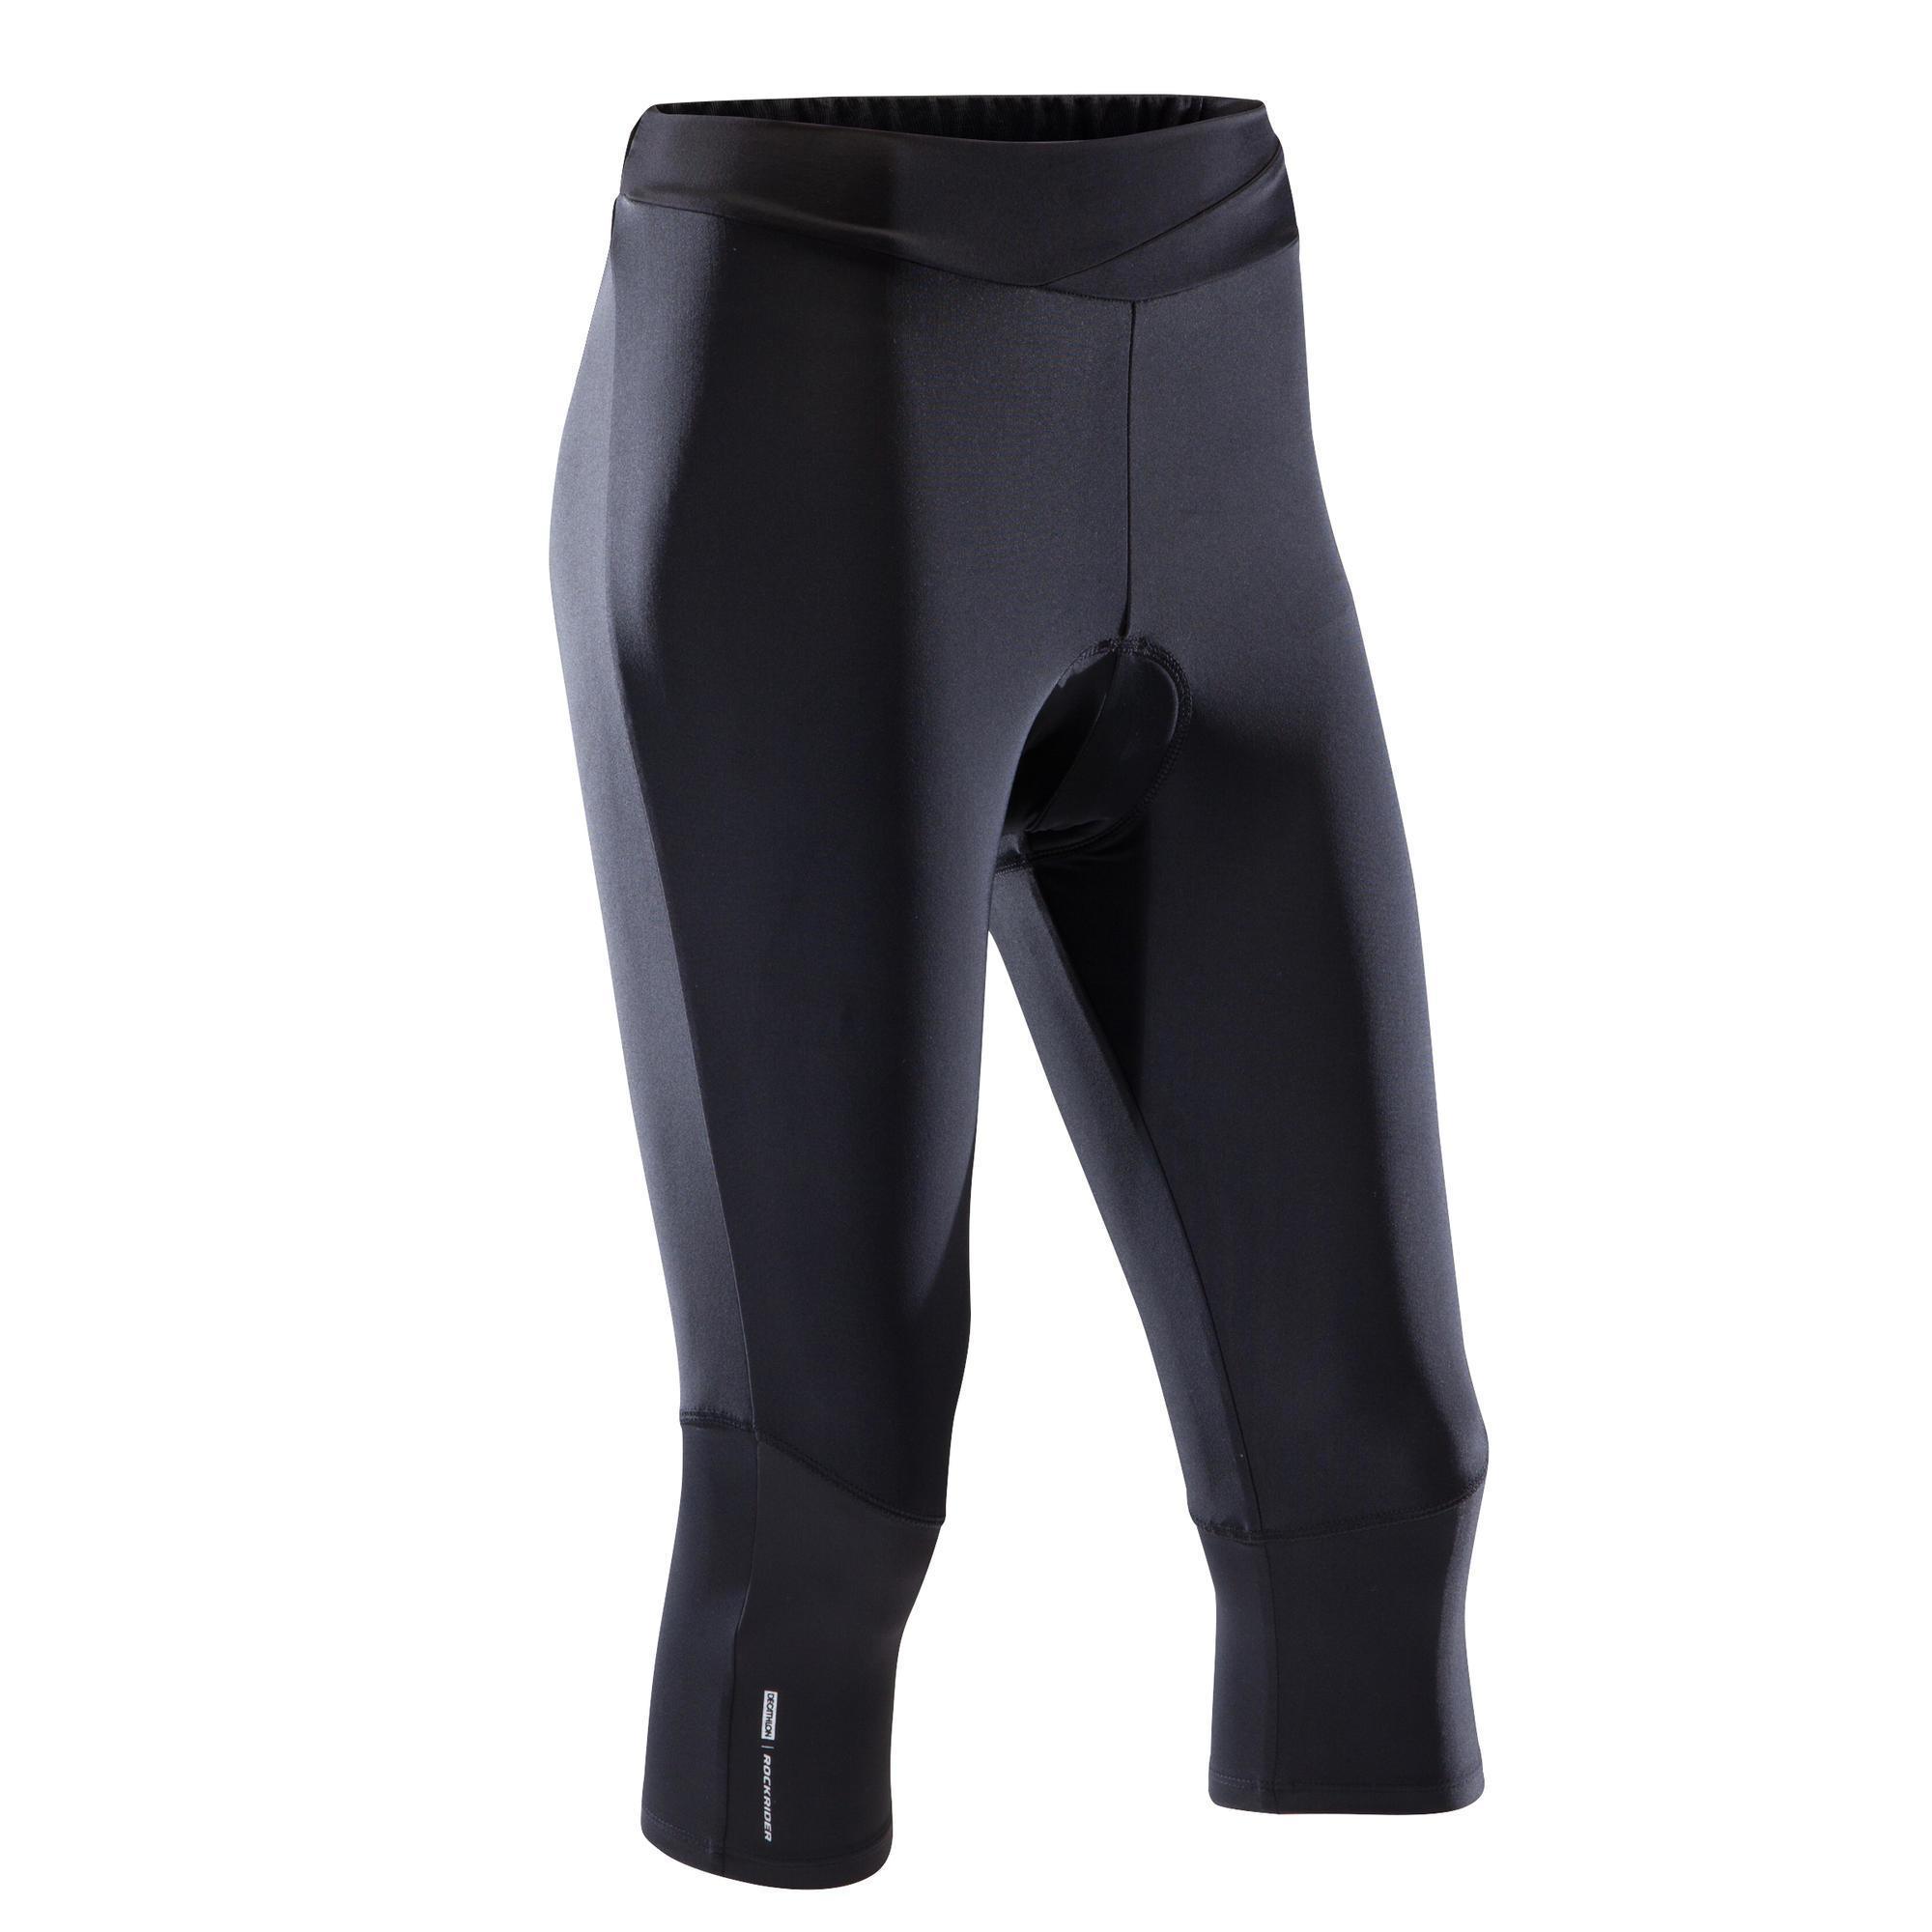 Rockrider MTB-broek ST 500 dames zwart kopen